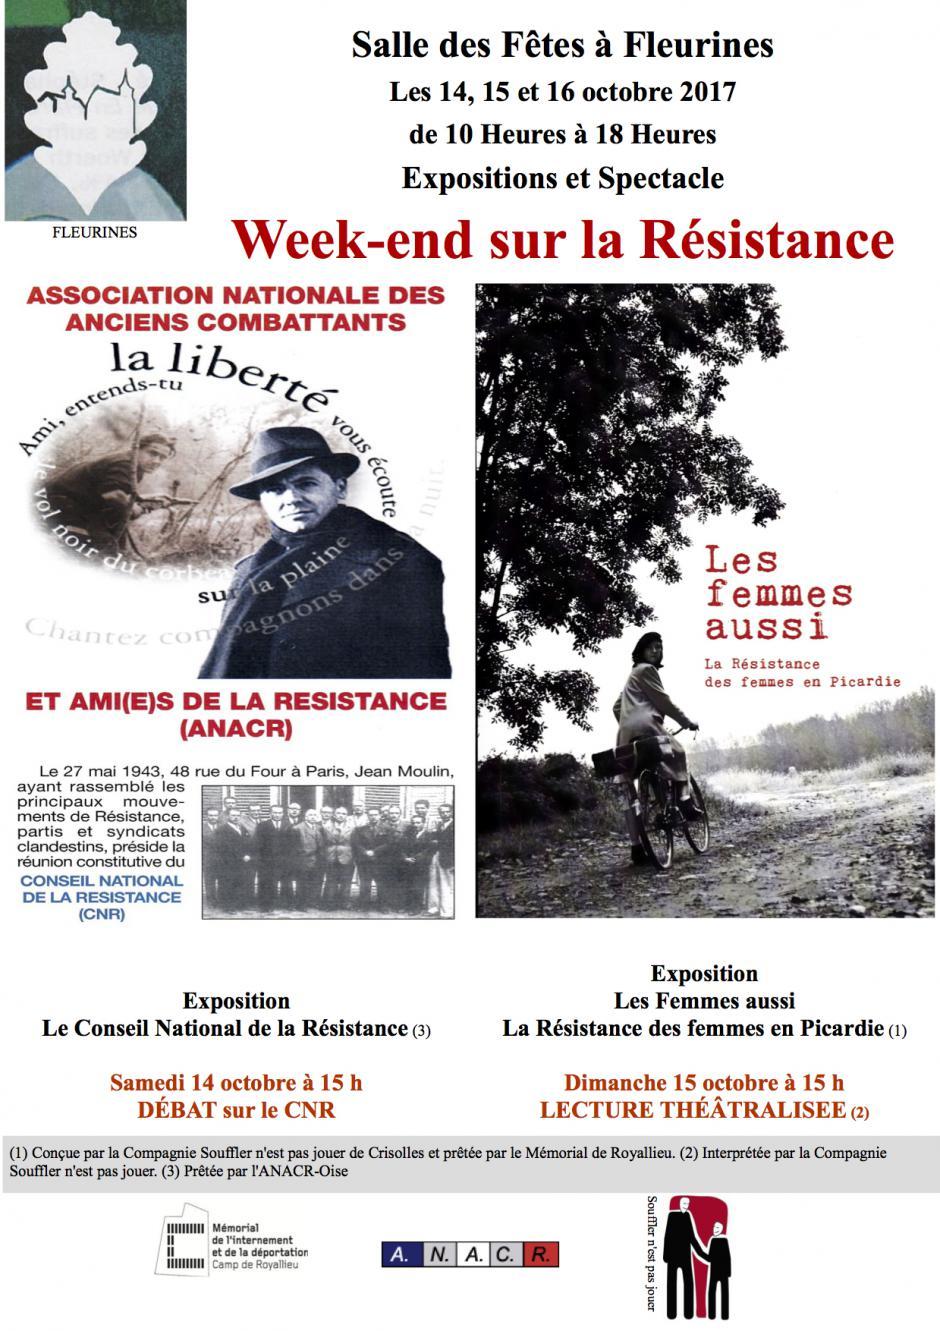 14 au 16 octobre, Fleurines - ANACR-Week-end sur la Résistance